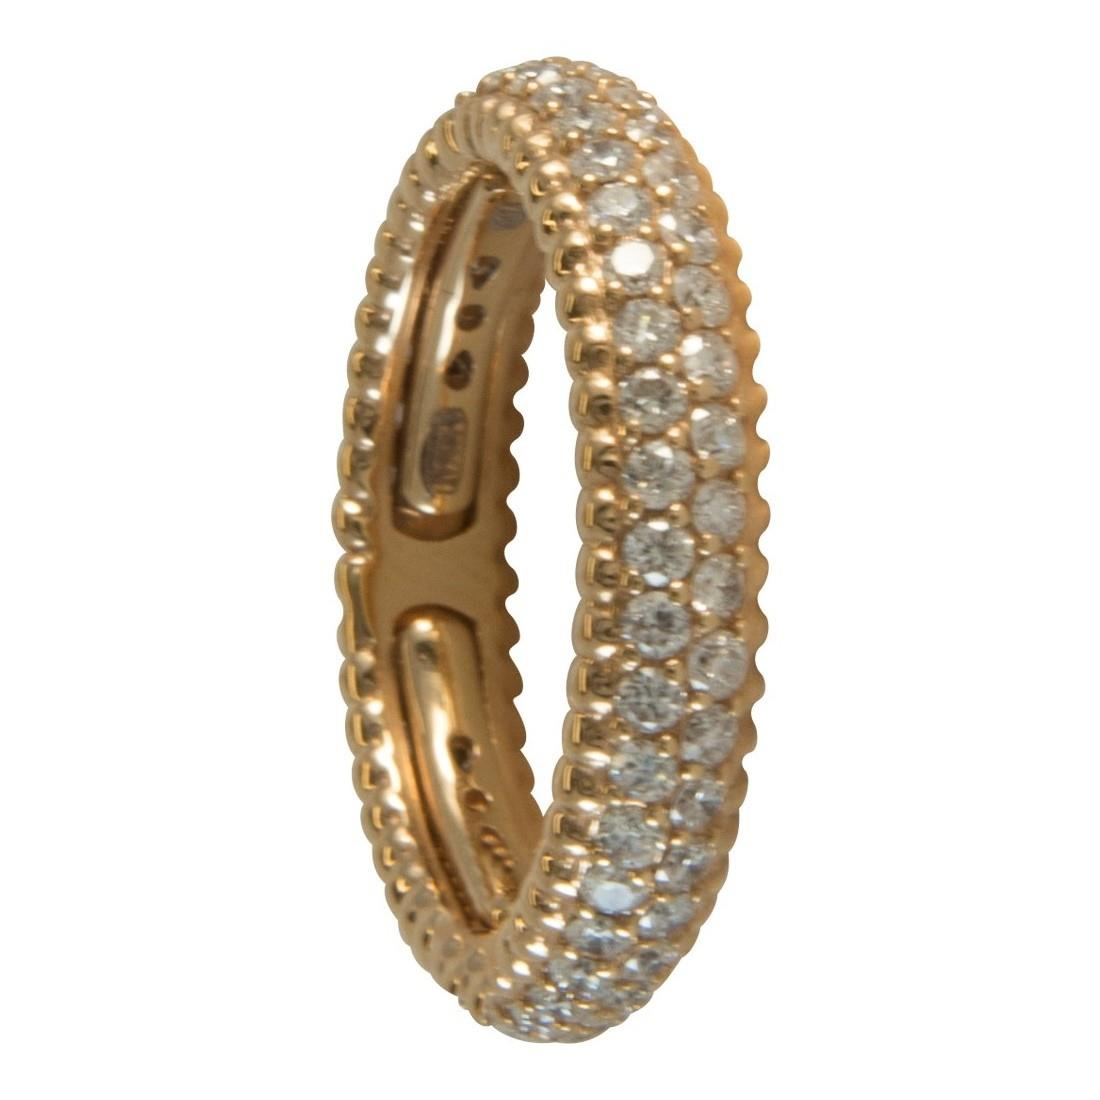 Anello in oro giallo con diamanti ct 1.20 - ALFIERI ST JOHN